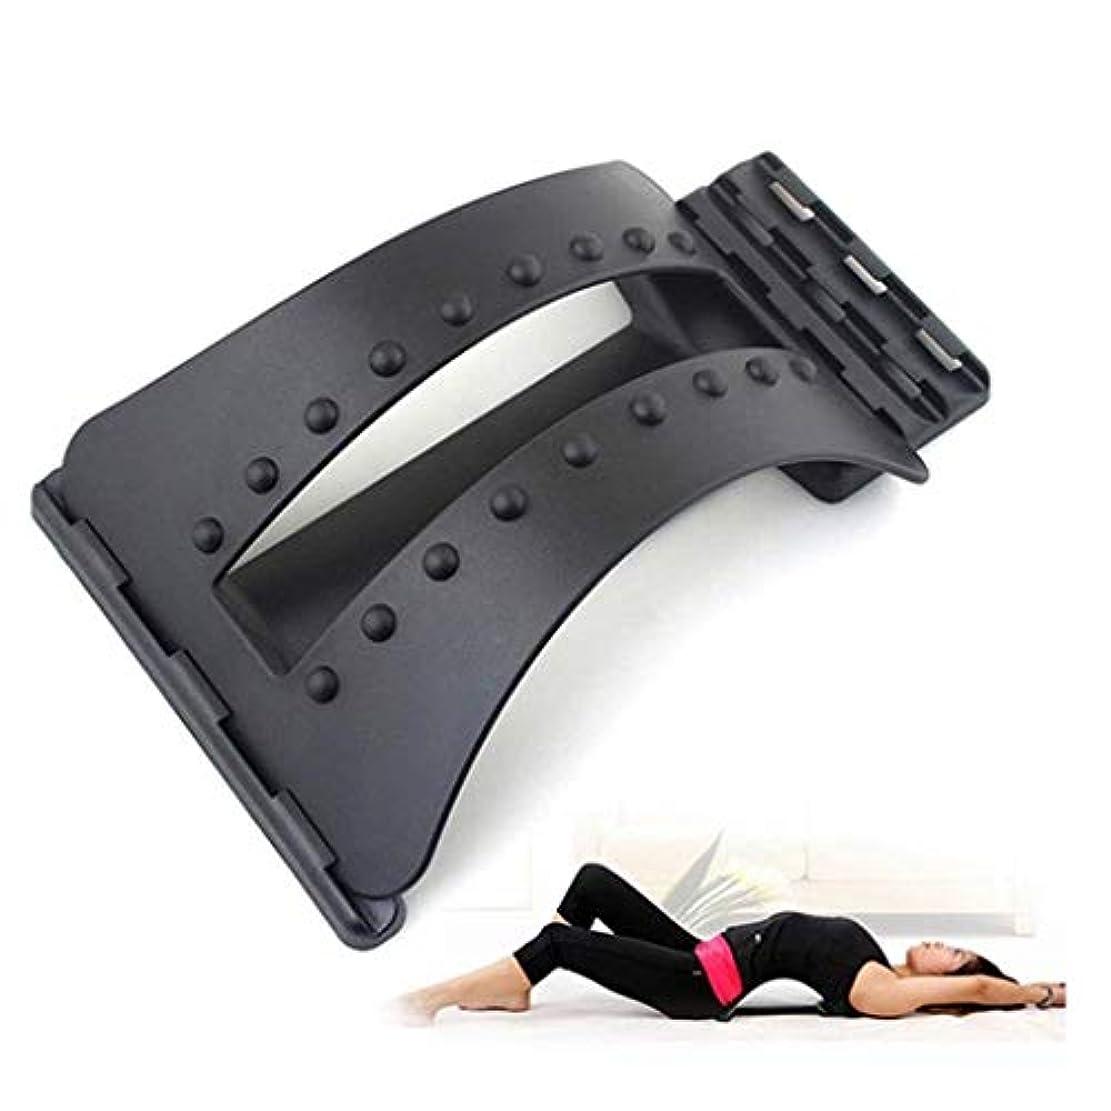 正当な金貸しブースバックマッサージ、マジックバックサポートとストレッチストレッチャーマジックストレッチャーバックストレッチャー腰椎サポートデバイスリラクゼーションパートナー脊椎の痛みを軽減する脊椎マッサージ療法